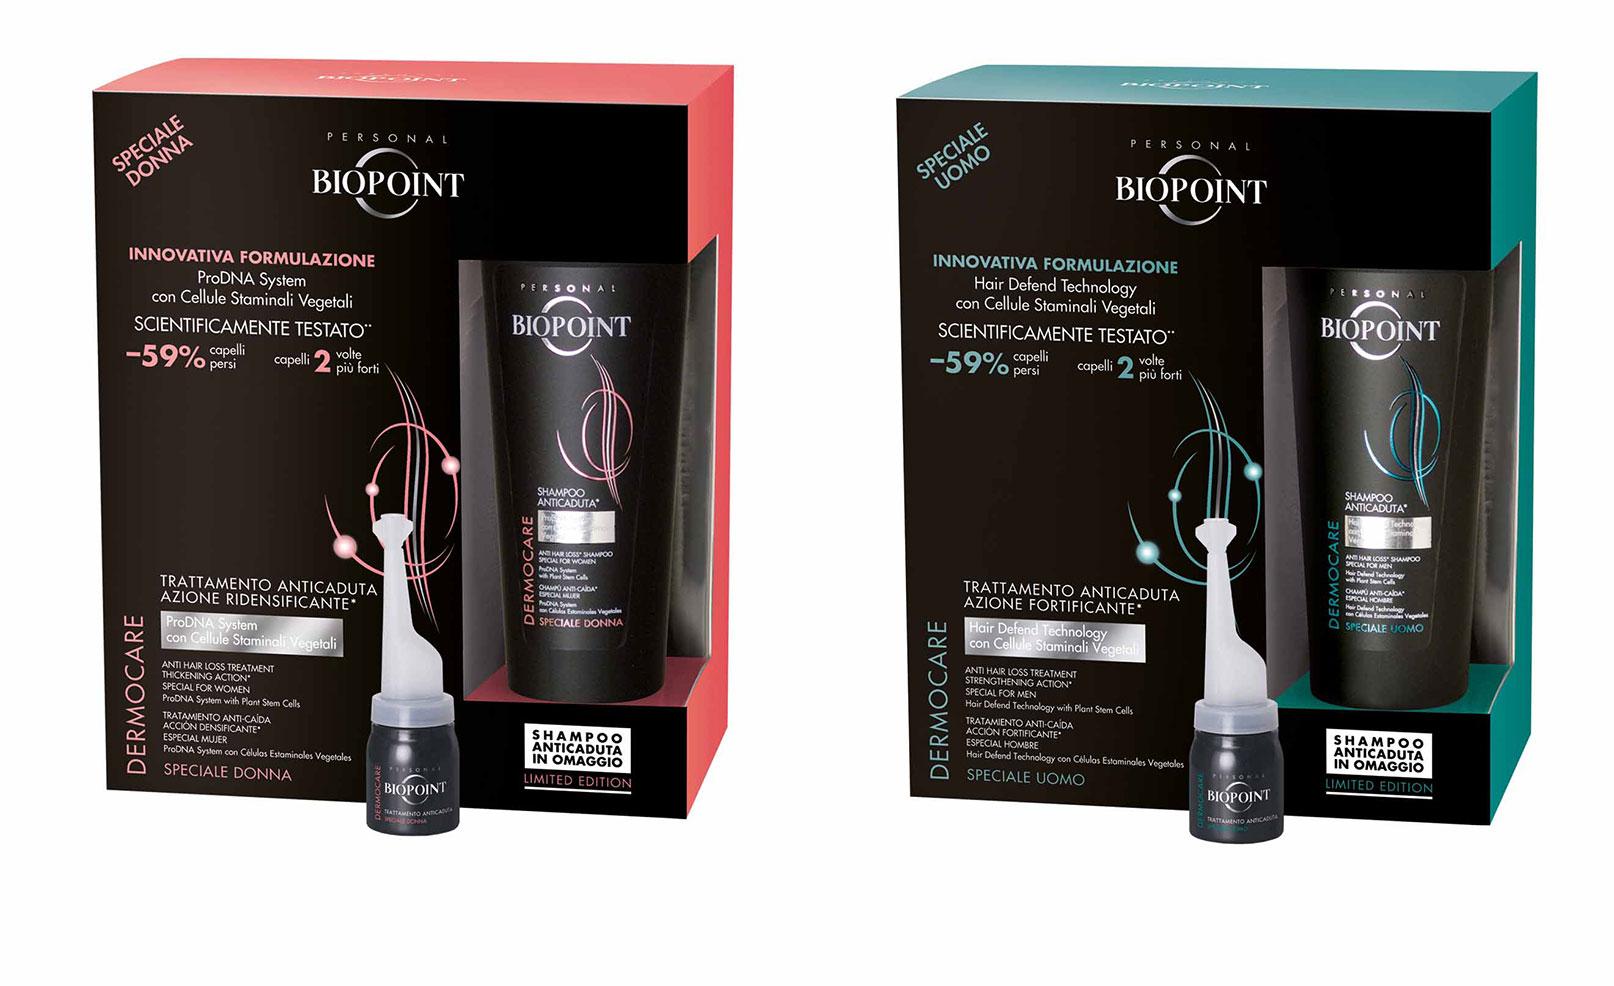 In arrivo la limited edition dedicata all innovativo programma Anticaduta  Biopoint alle cellule staminali. ad256cdc0f37